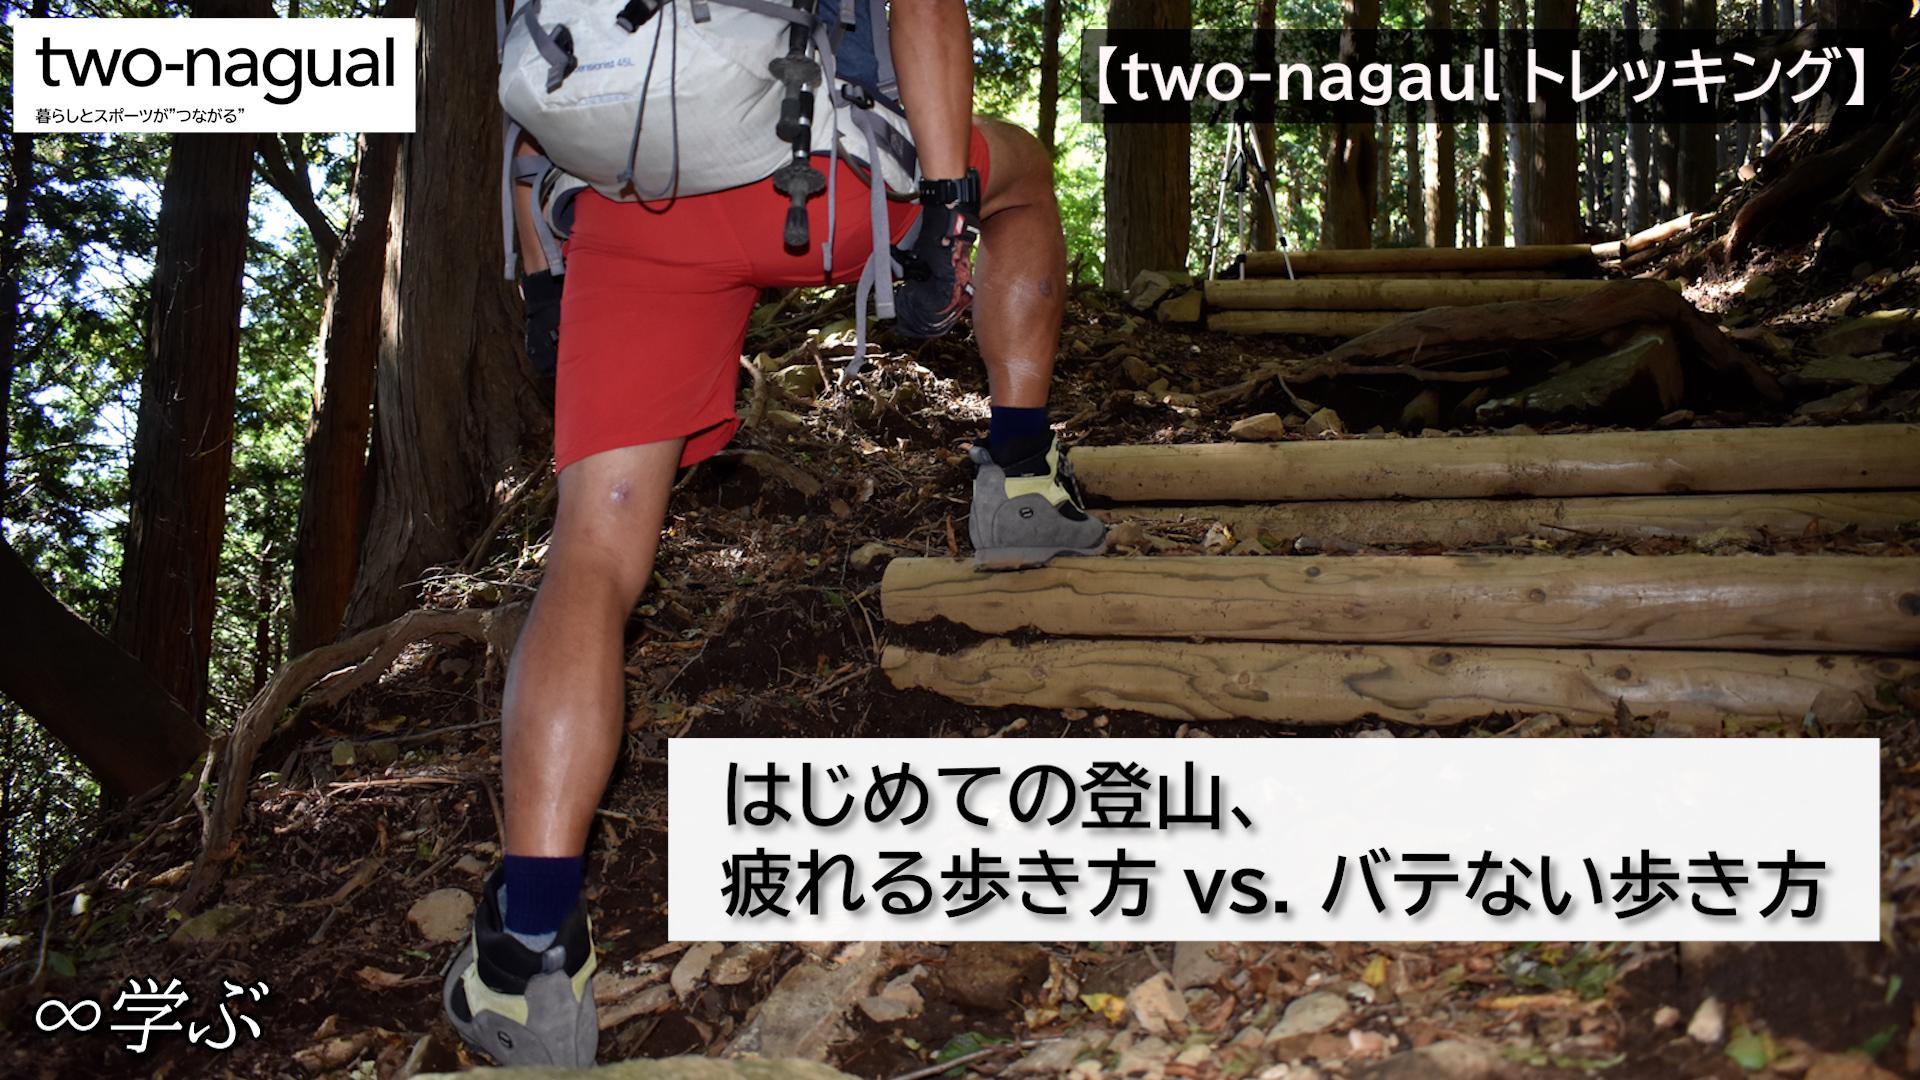 <small>【two-nagual トレッキング】</small><br />はじめての登山<br />疲れる歩き方 vs. バテない歩き方